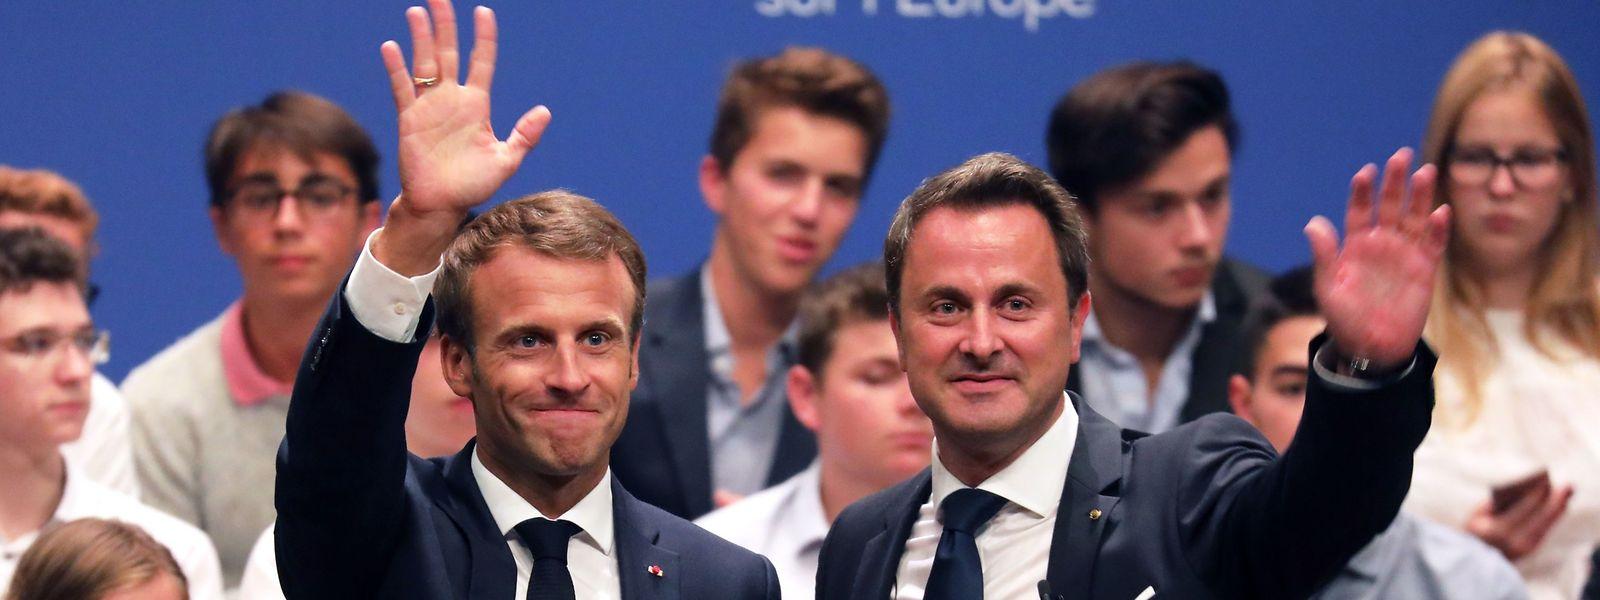 Emmanuel Macron et Xavier Bettel se sont montrés complices et complémentaires dans leurs réponses aux questions des citoyens sur l'Europe et les dissonances entre pays européens.